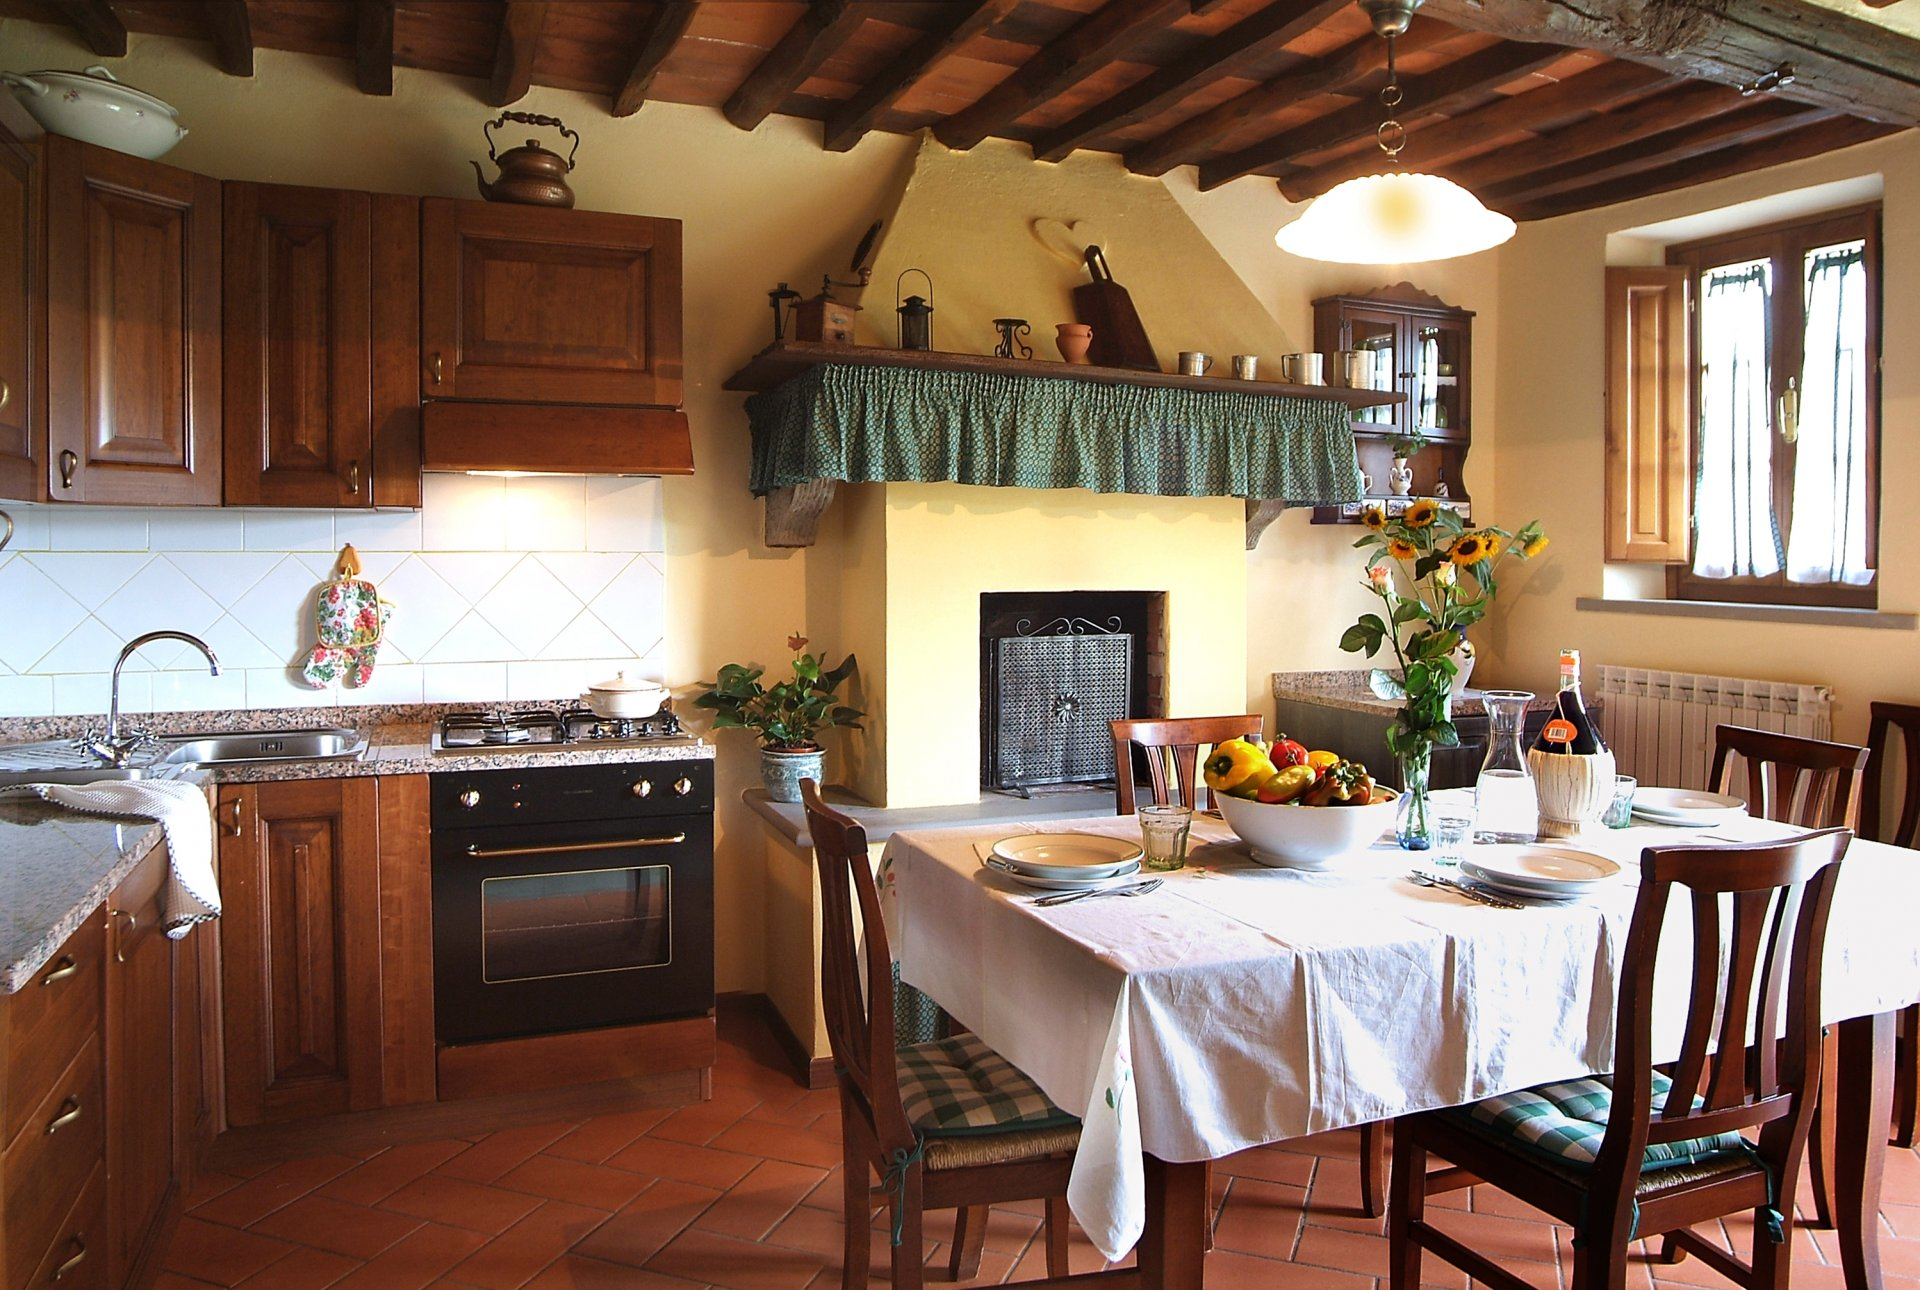 ITALY, TUSCANY, PIETRABUONA, FARMHOUSE WITH POOL, 12 PEOPLE